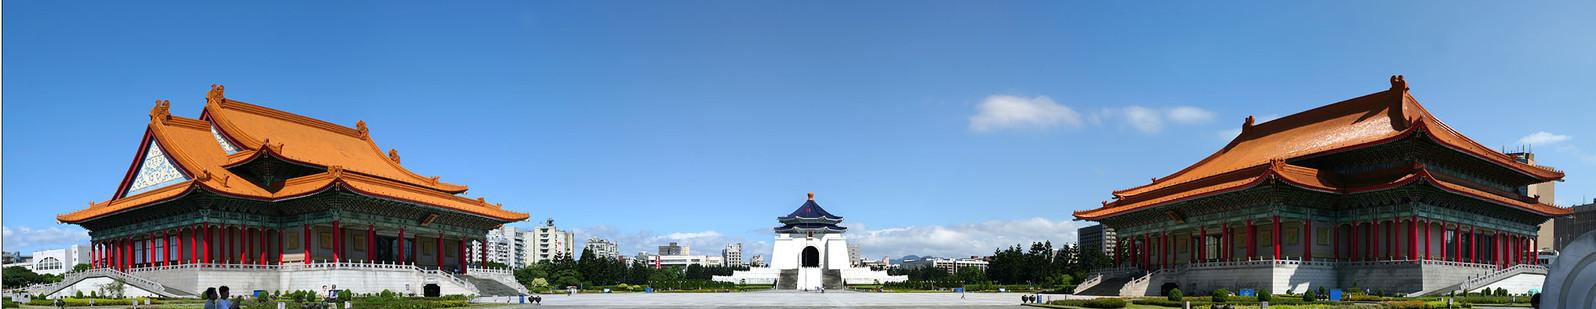 © Ma Jien-kuo / Wikipedia